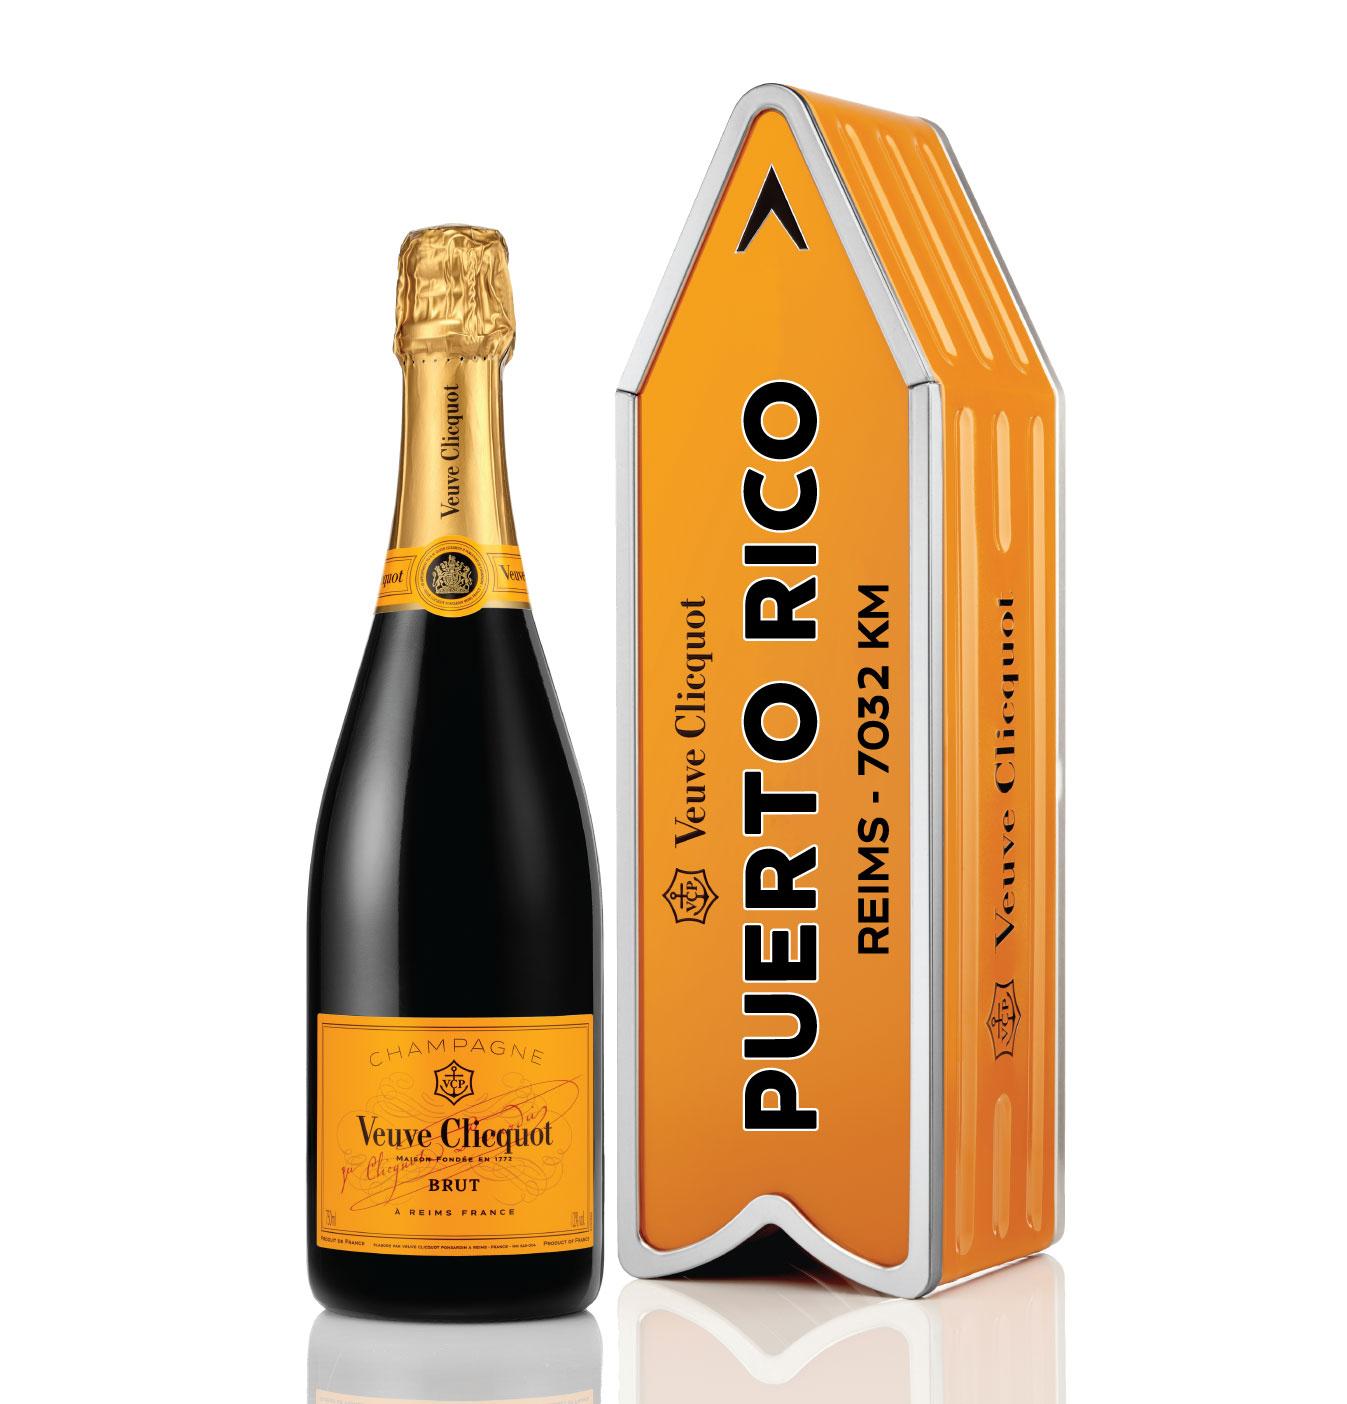 Estuche de champán Veuve Clicquot Arrow Puerto Rico de La Bodega de Méndez. (Suministrada)